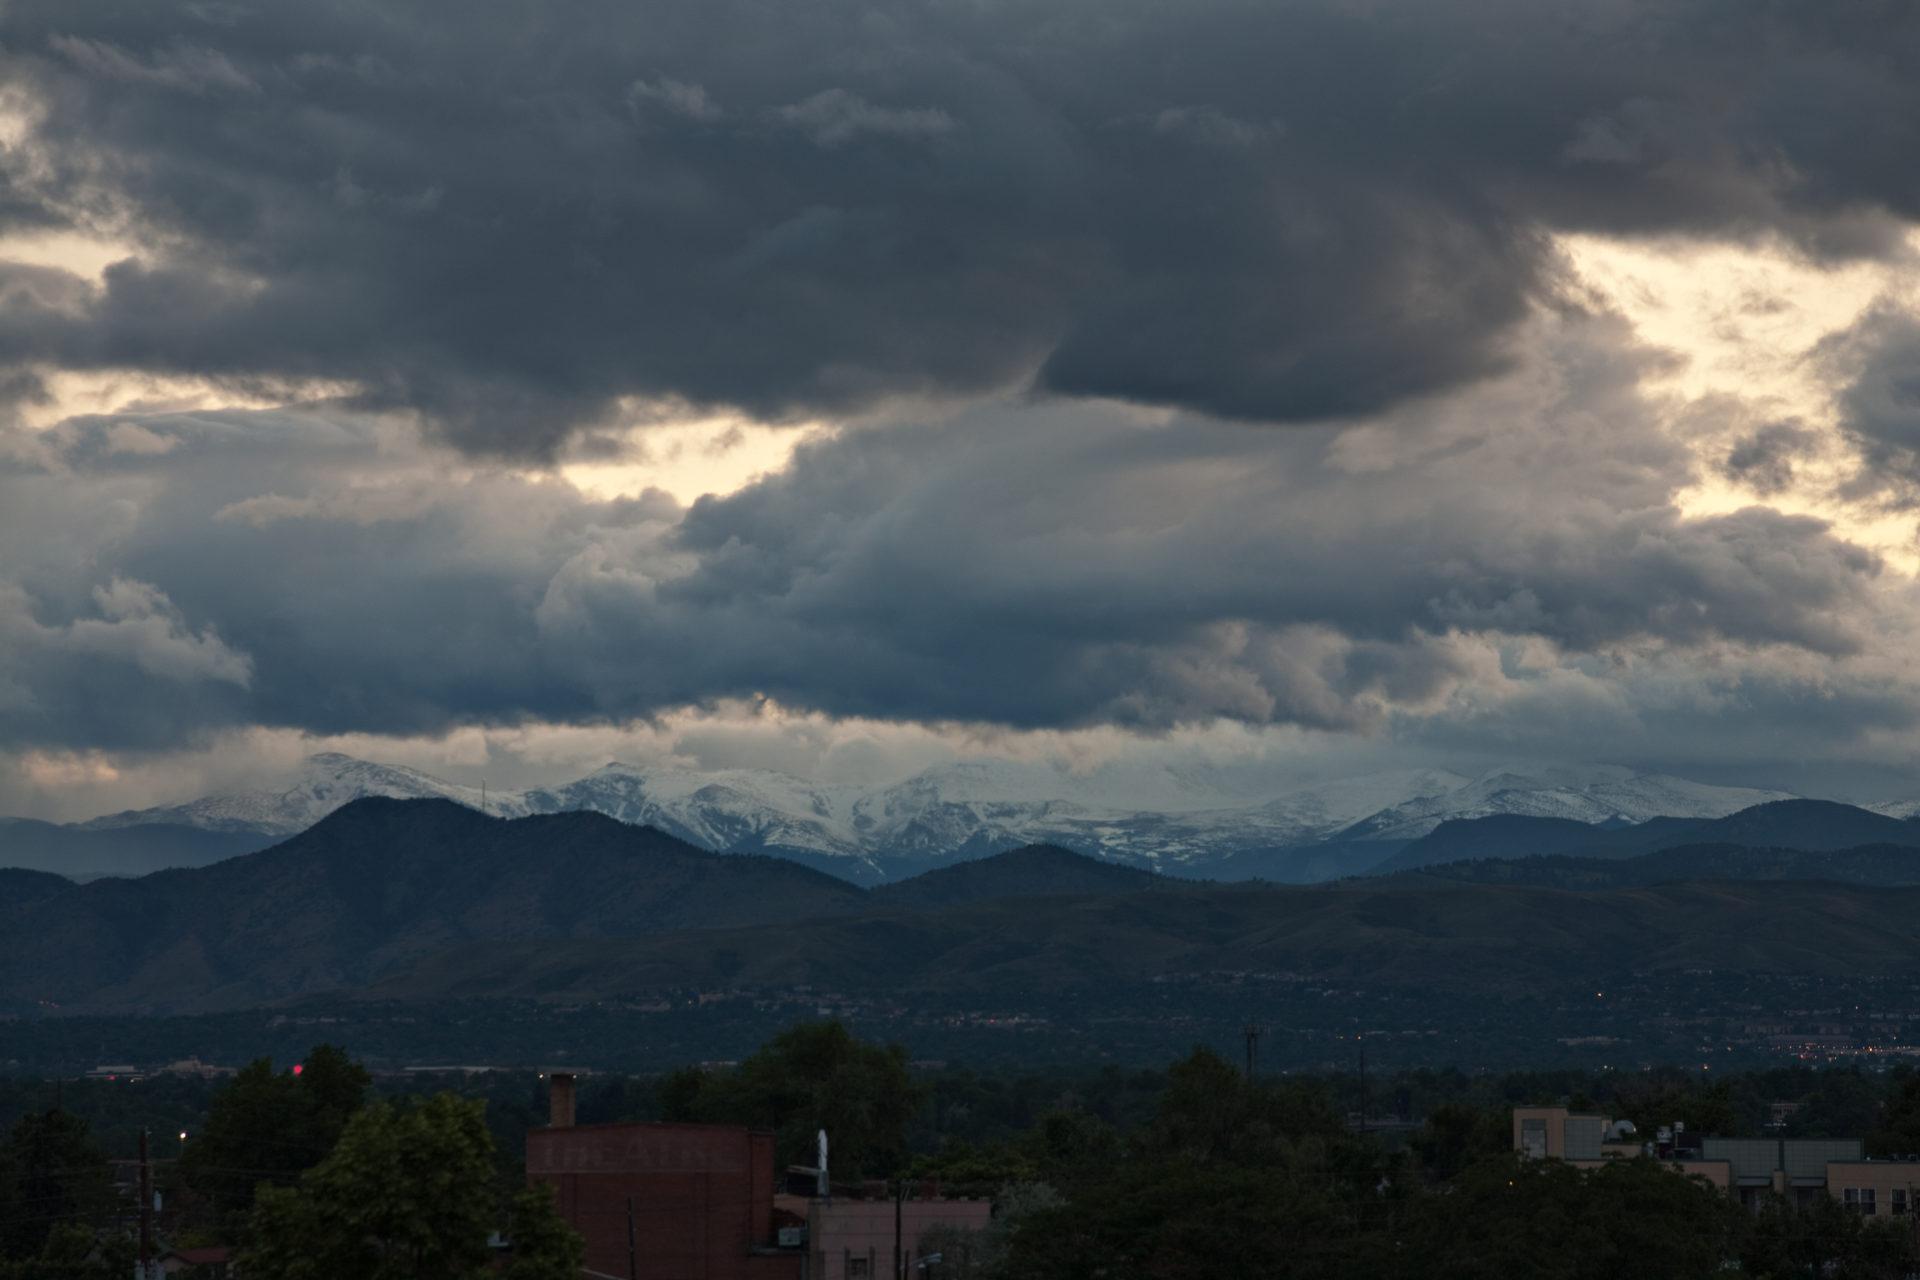 Mount Evans - June 20, 2011